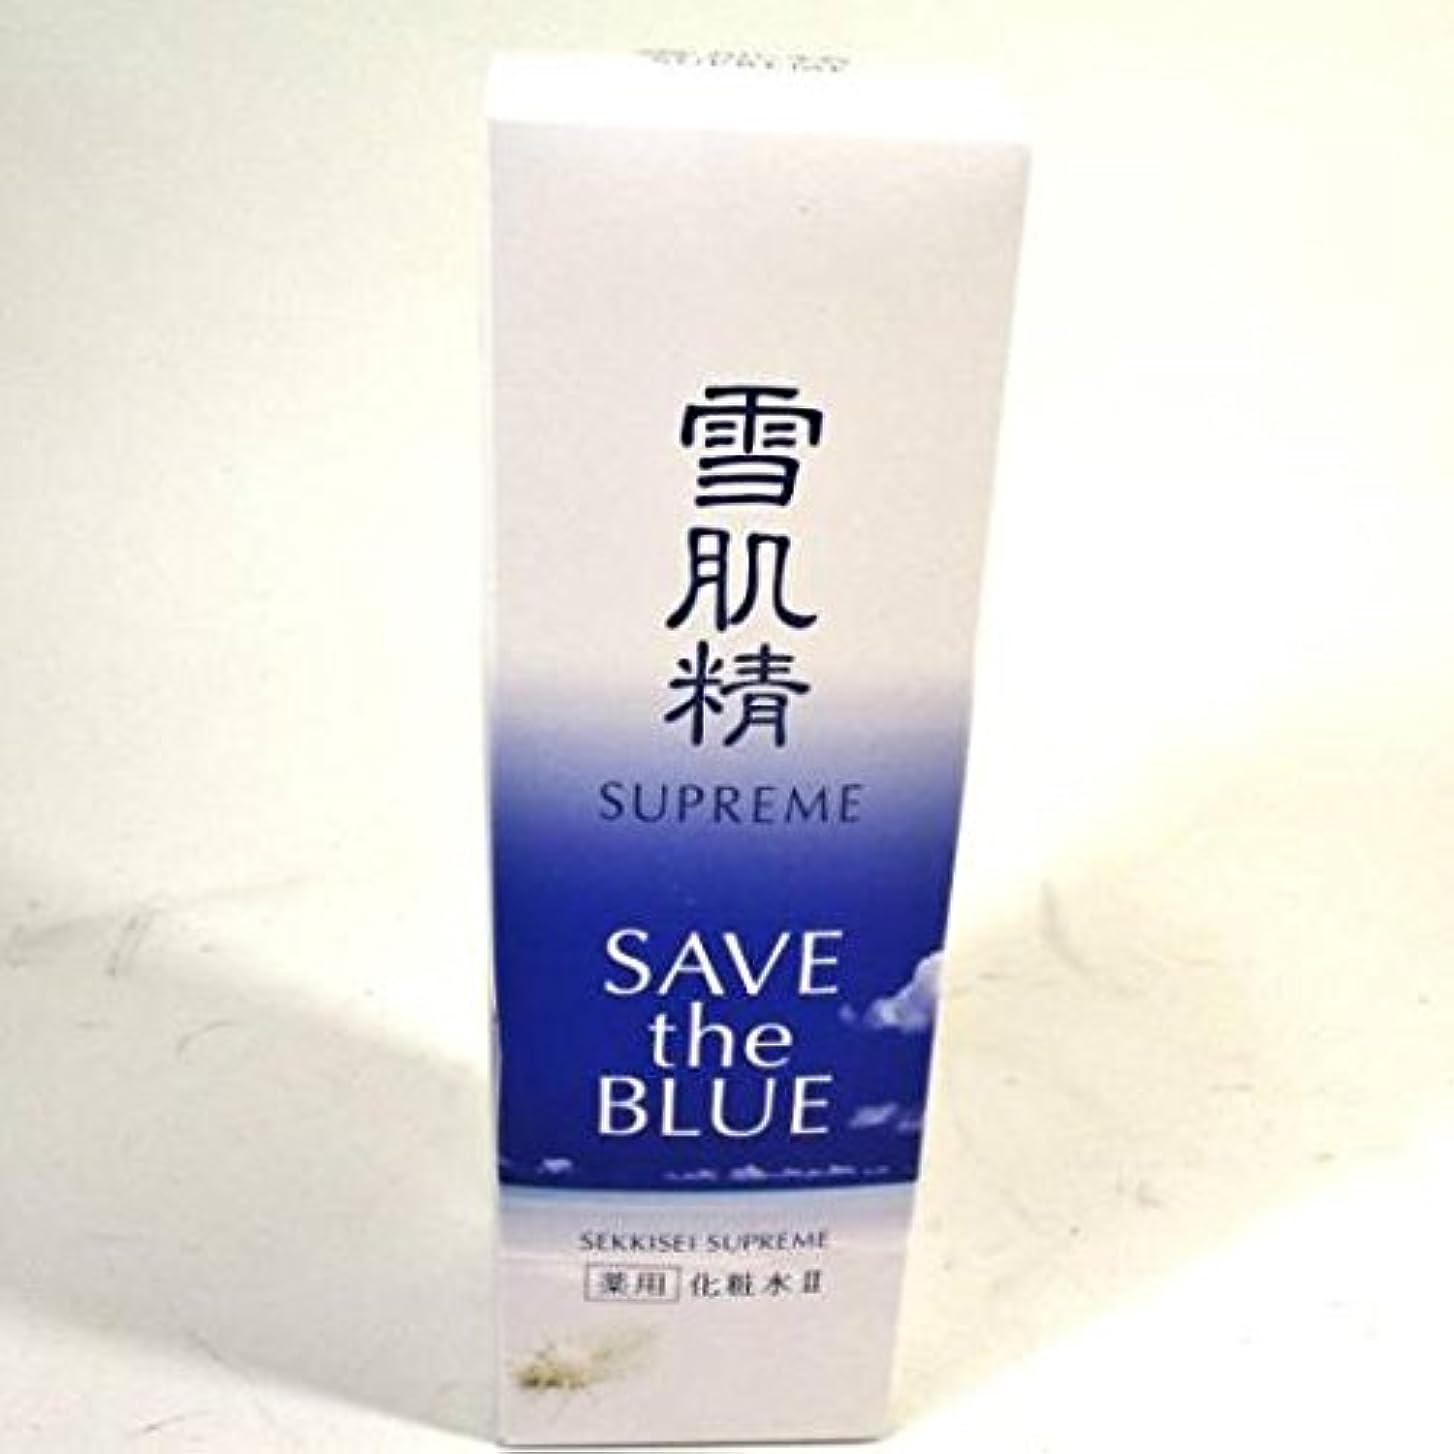 ブロッサムやりすぎ小麦コーセー 雪肌精 シュープレム 化粧水 Ⅱ 「SAVE the BLUE」 400ml